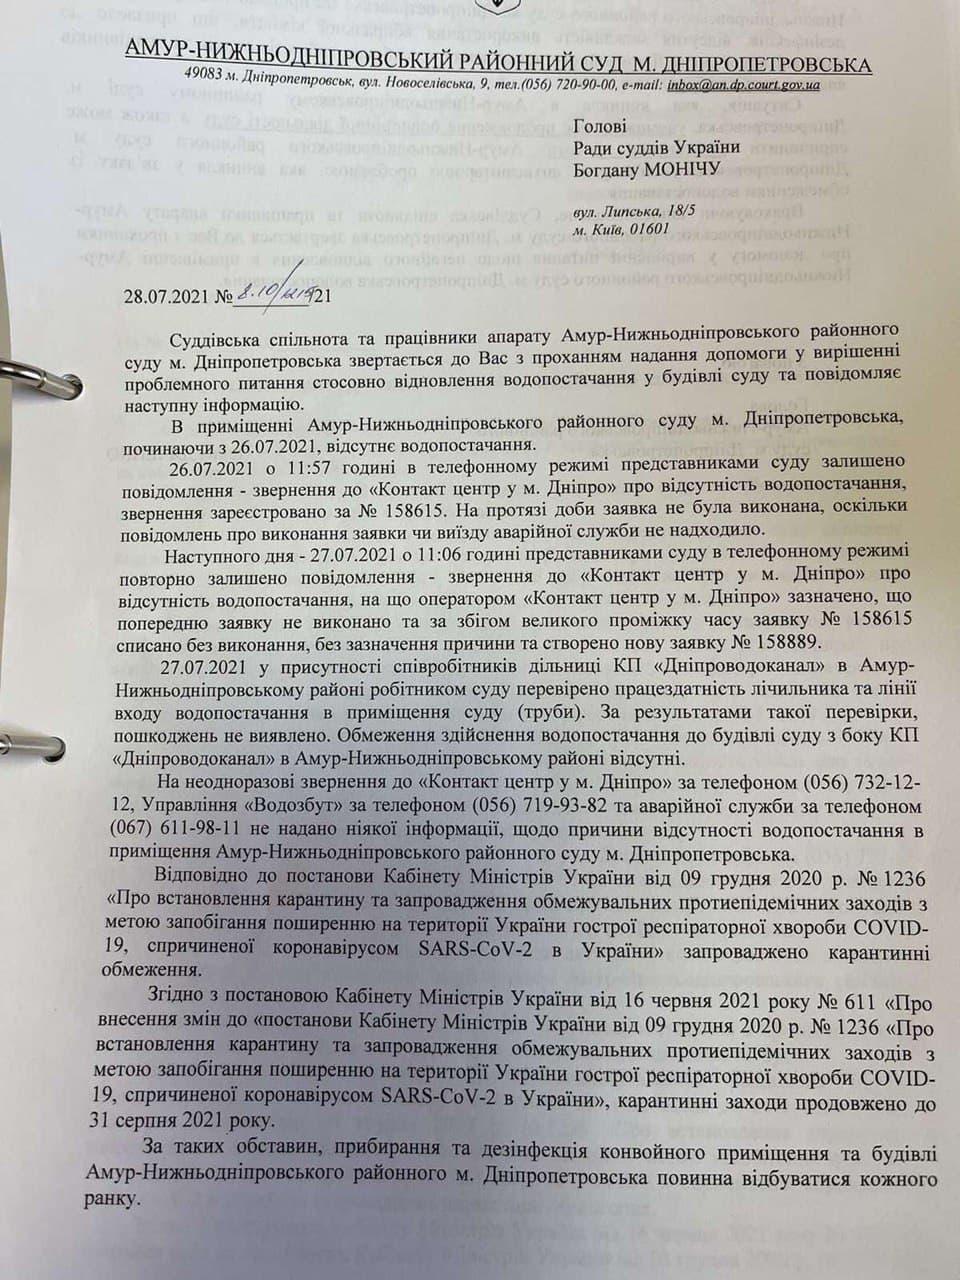 Зеленского просят о помощи работники суда в Днепре, в котором отключили воду по указанию Филатова - фото 2